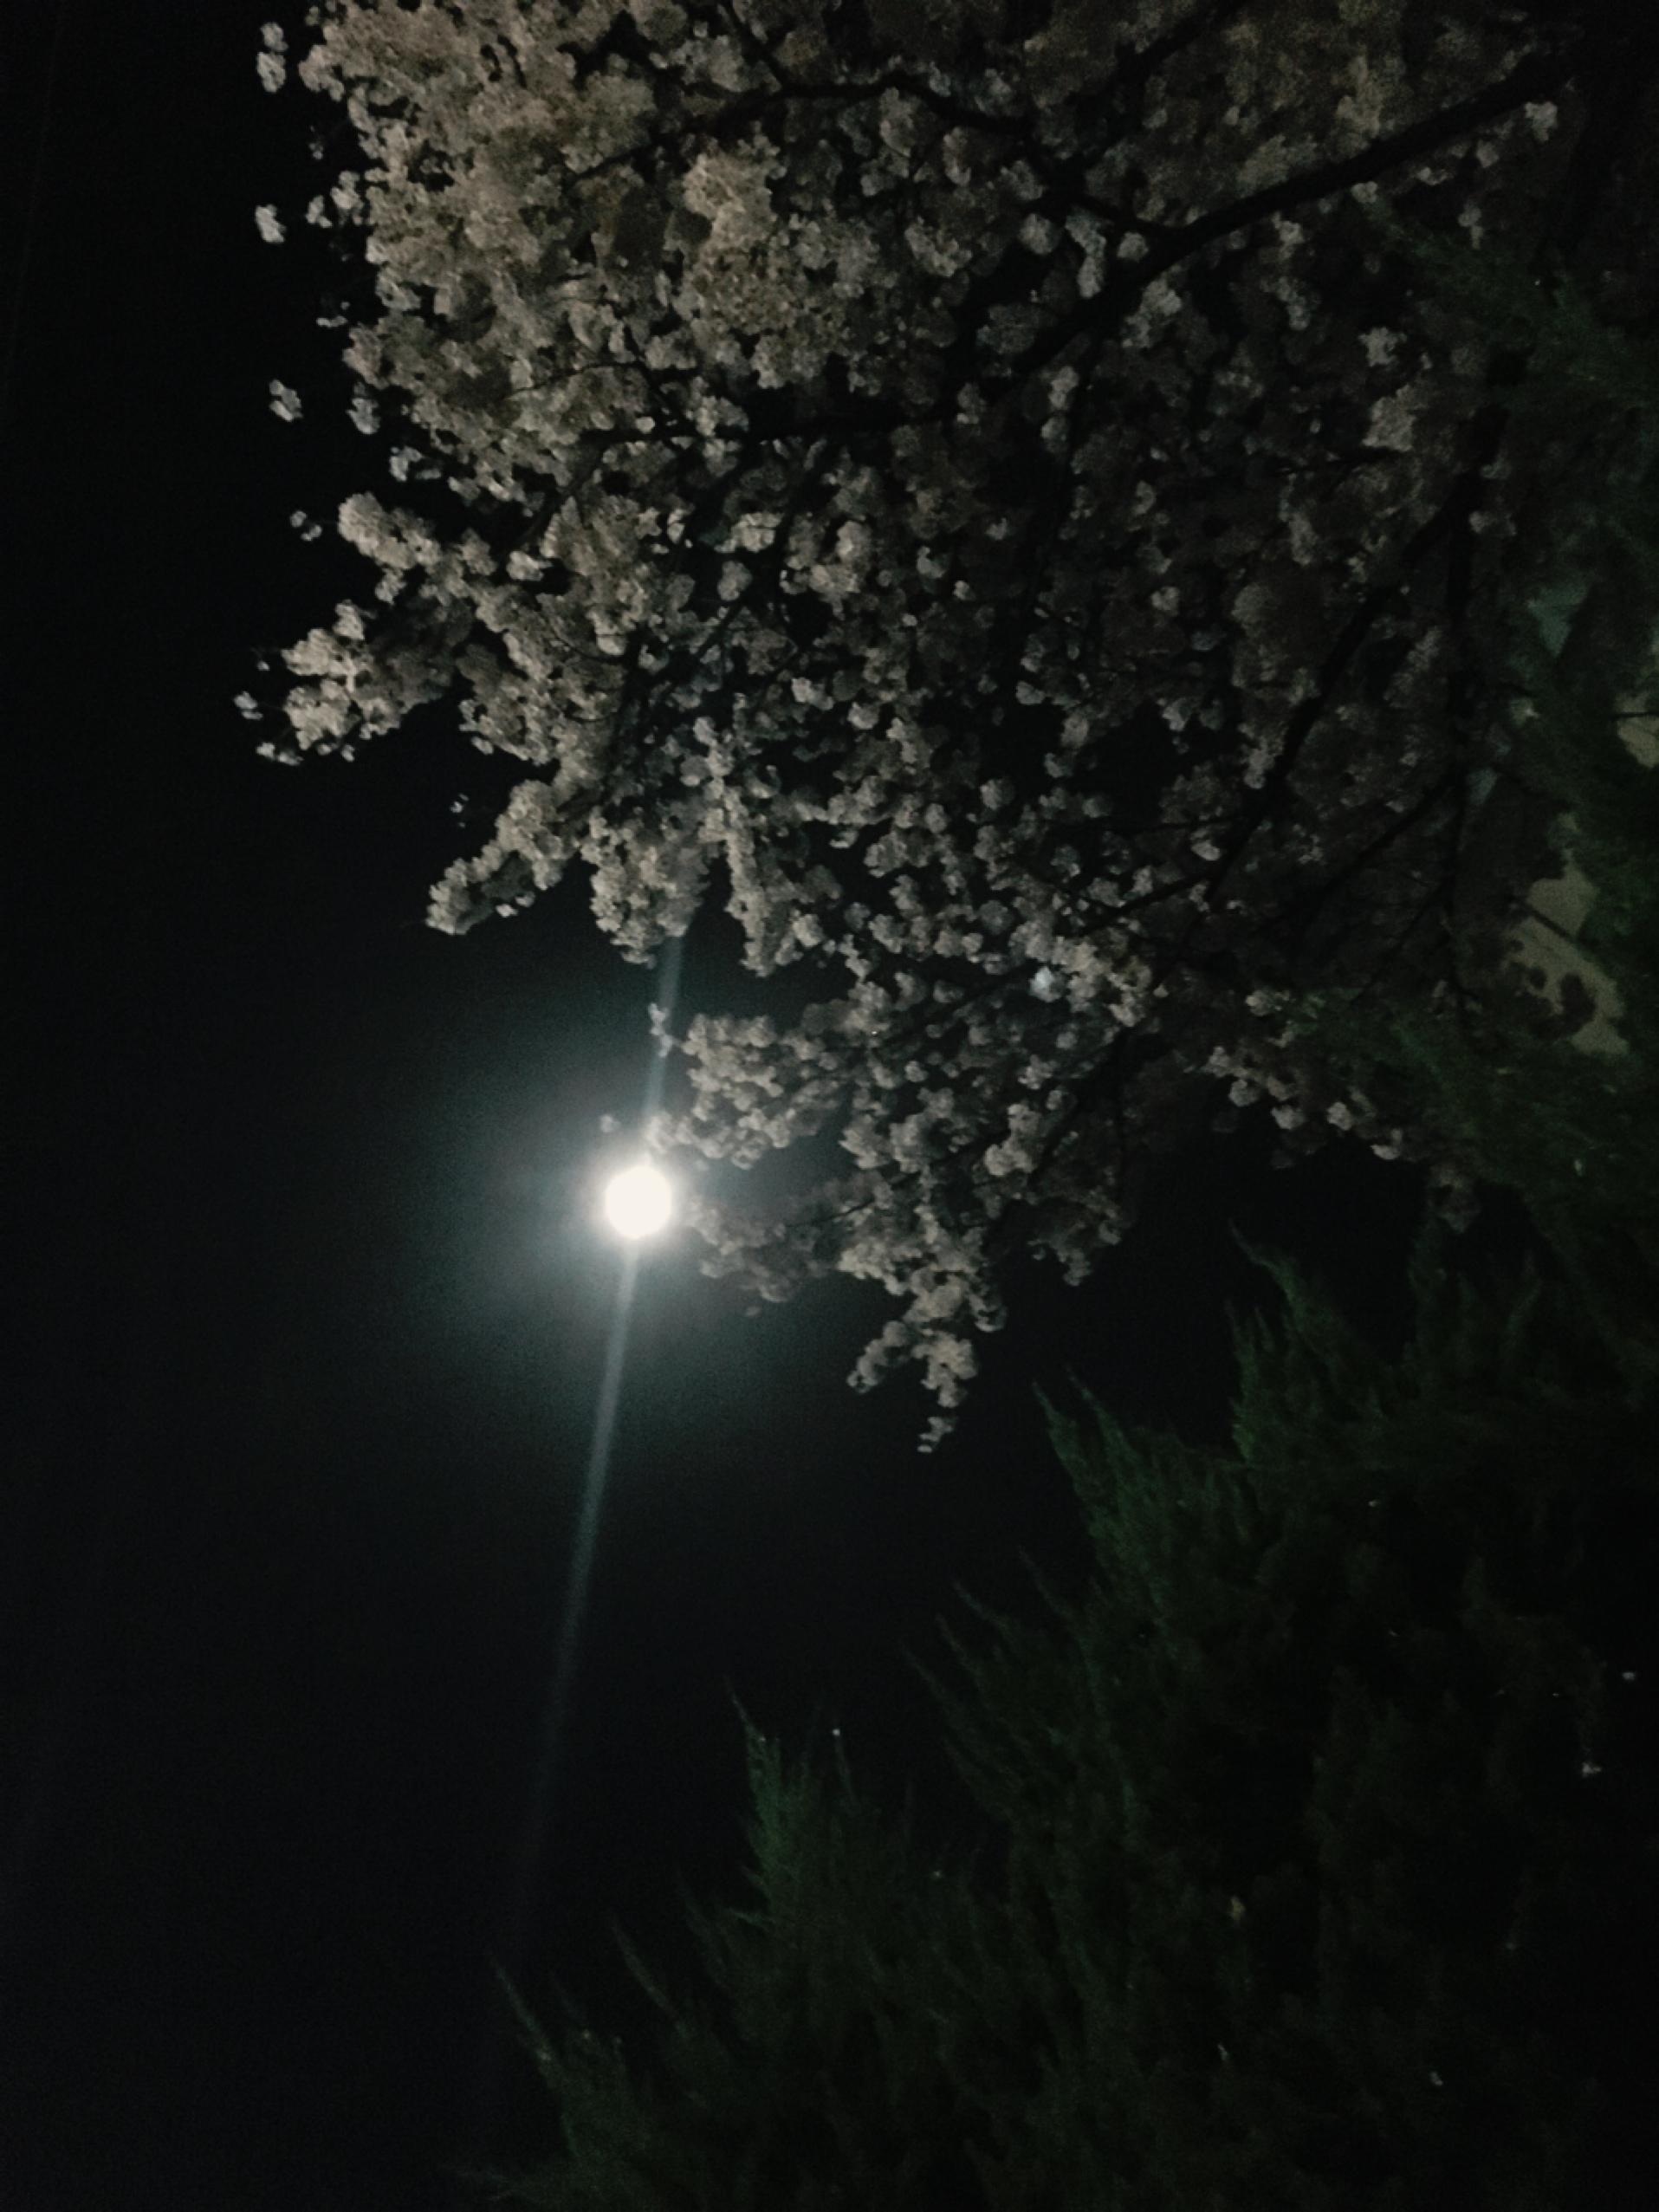 満月にかこつけて、空を見上げよう